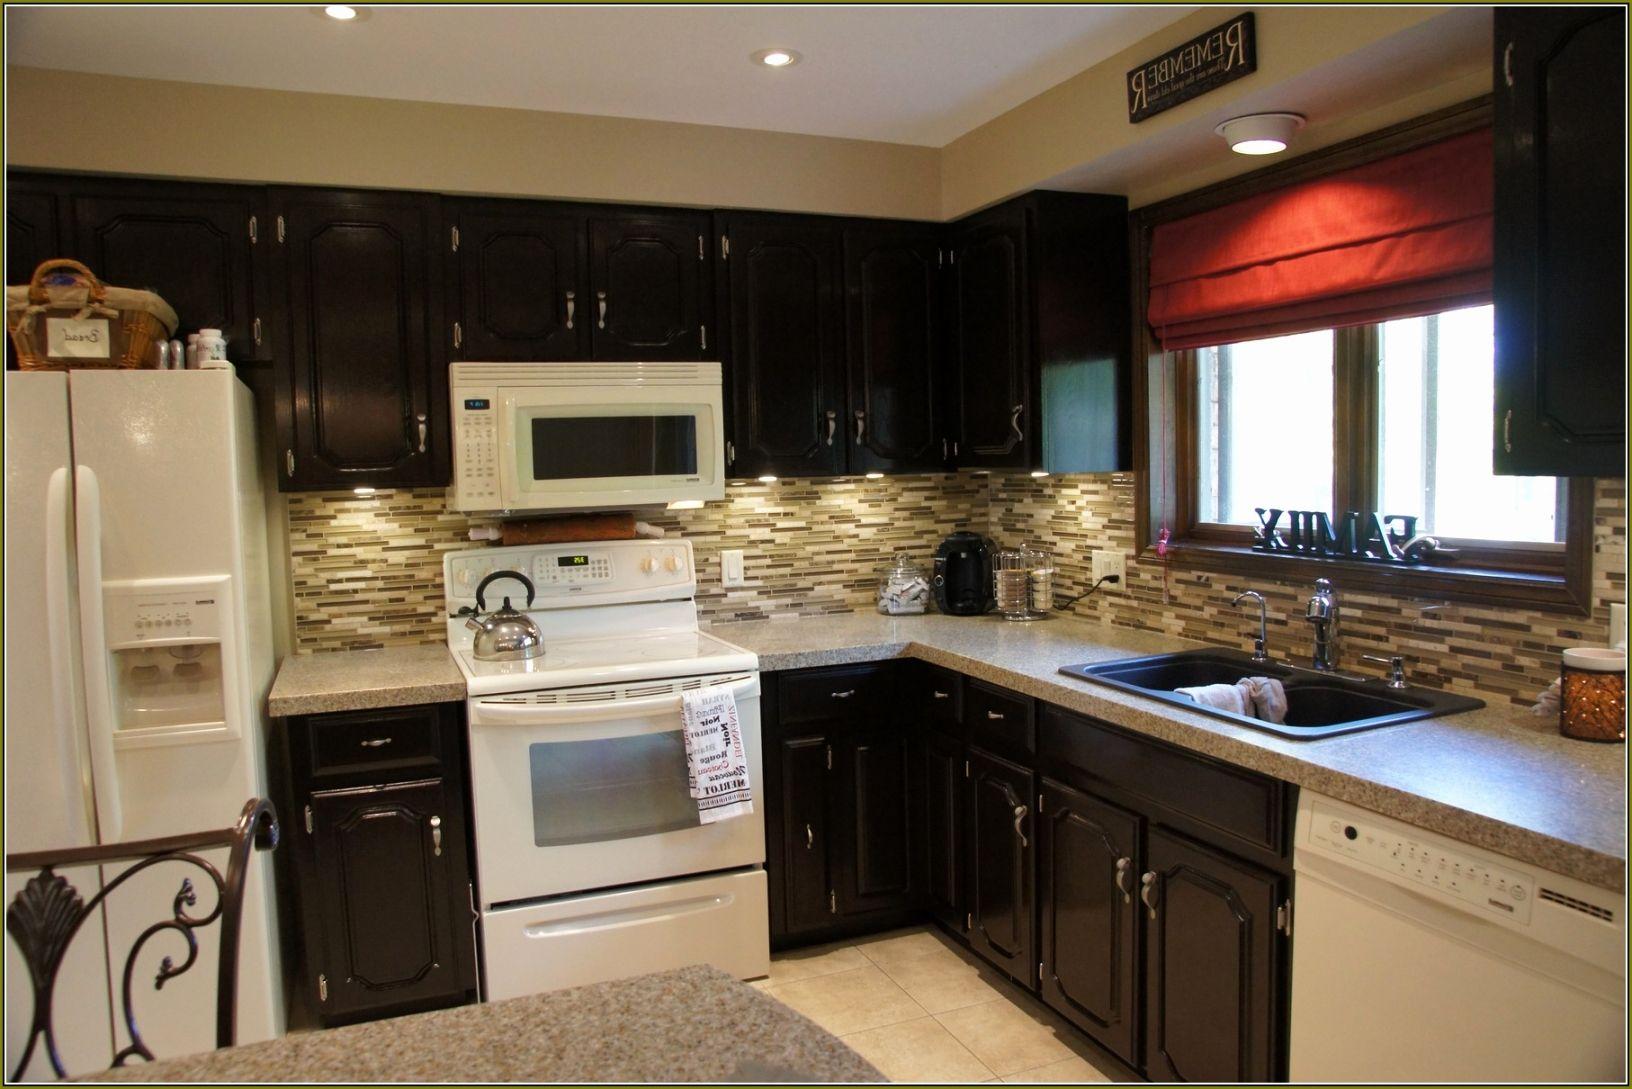 Badezimmer eitelkeiten mit oberen speicher weiß gel stain white gel fleck küchenschränke honig eiche beize